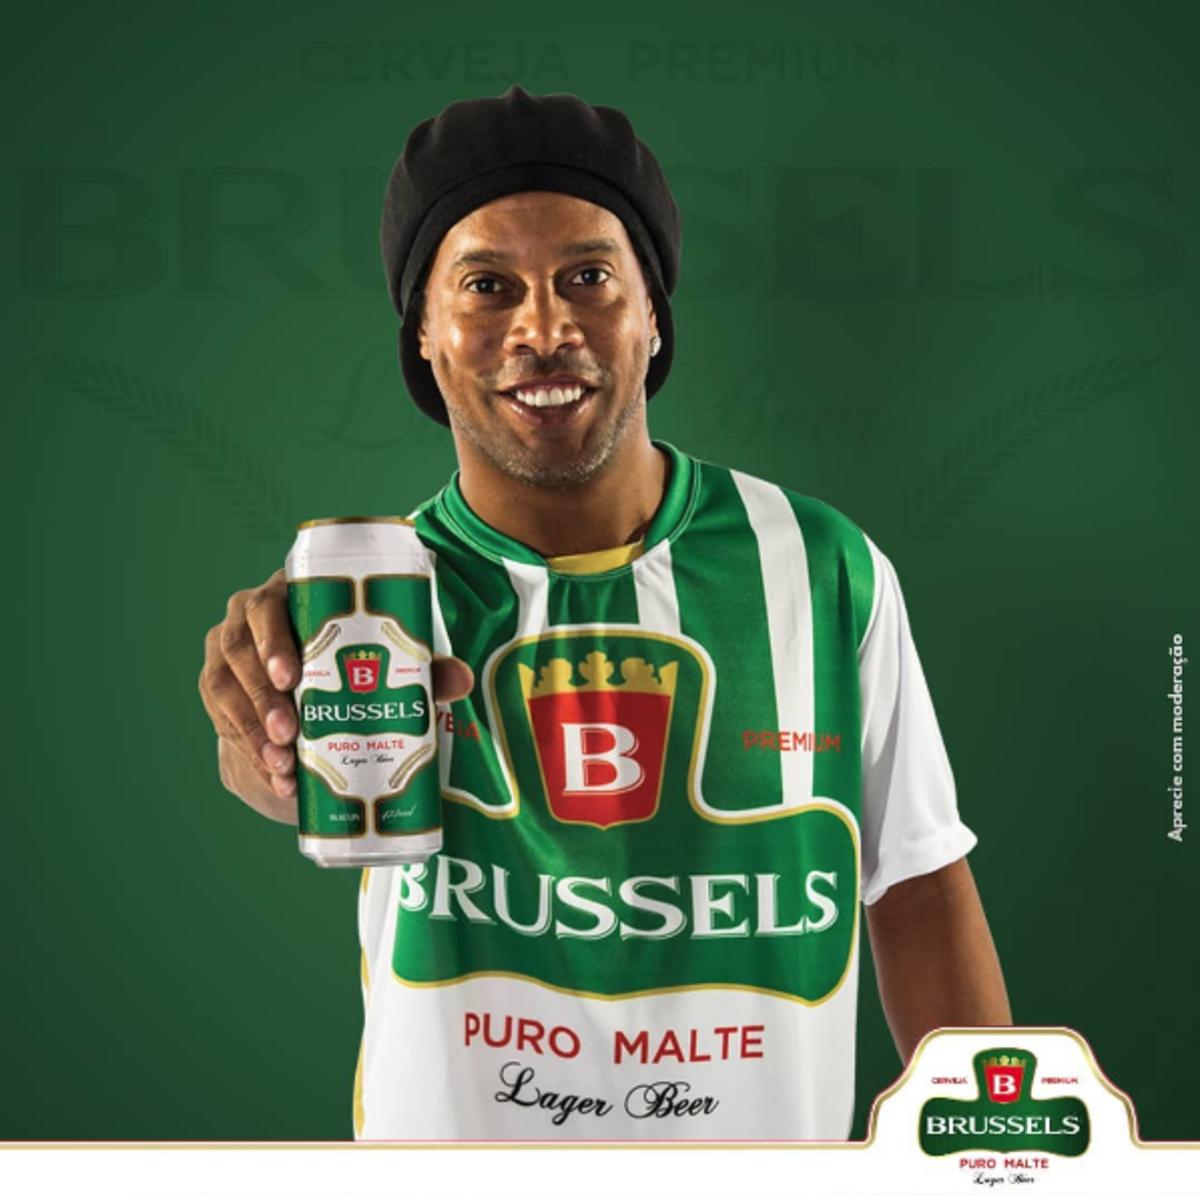 Fotografei Ronaldinho Gaúcho o garoto propaganda da Cerveja Brussels